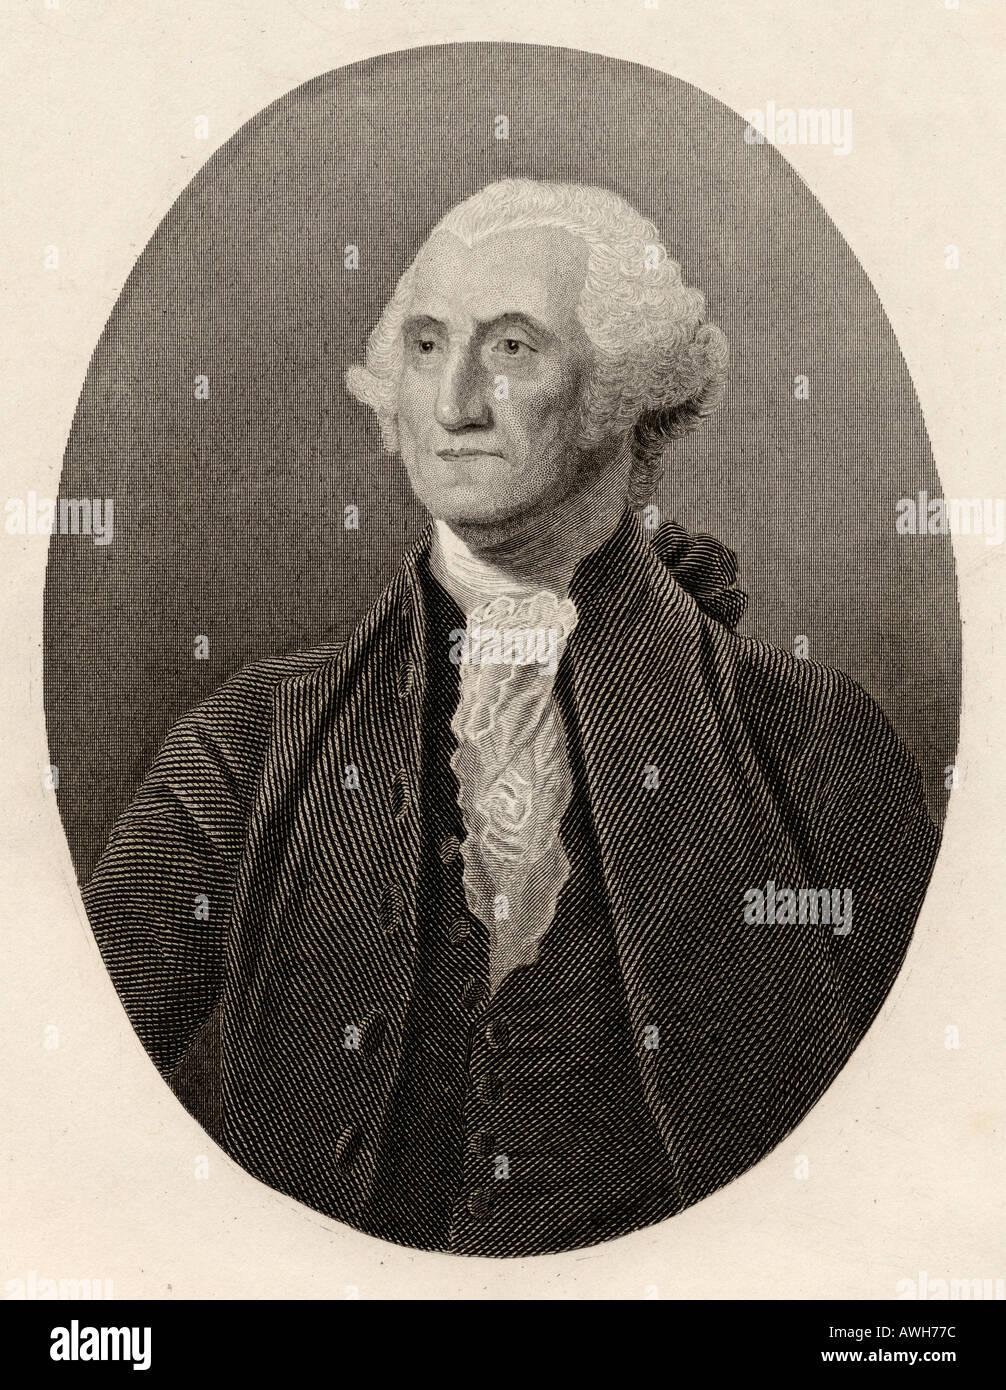 George Washington, 1732 - 1799. Americana leader politico, militare generale, statista e Padre Fondatore. Primo presidente degli Stati Uniti. Immagini Stock